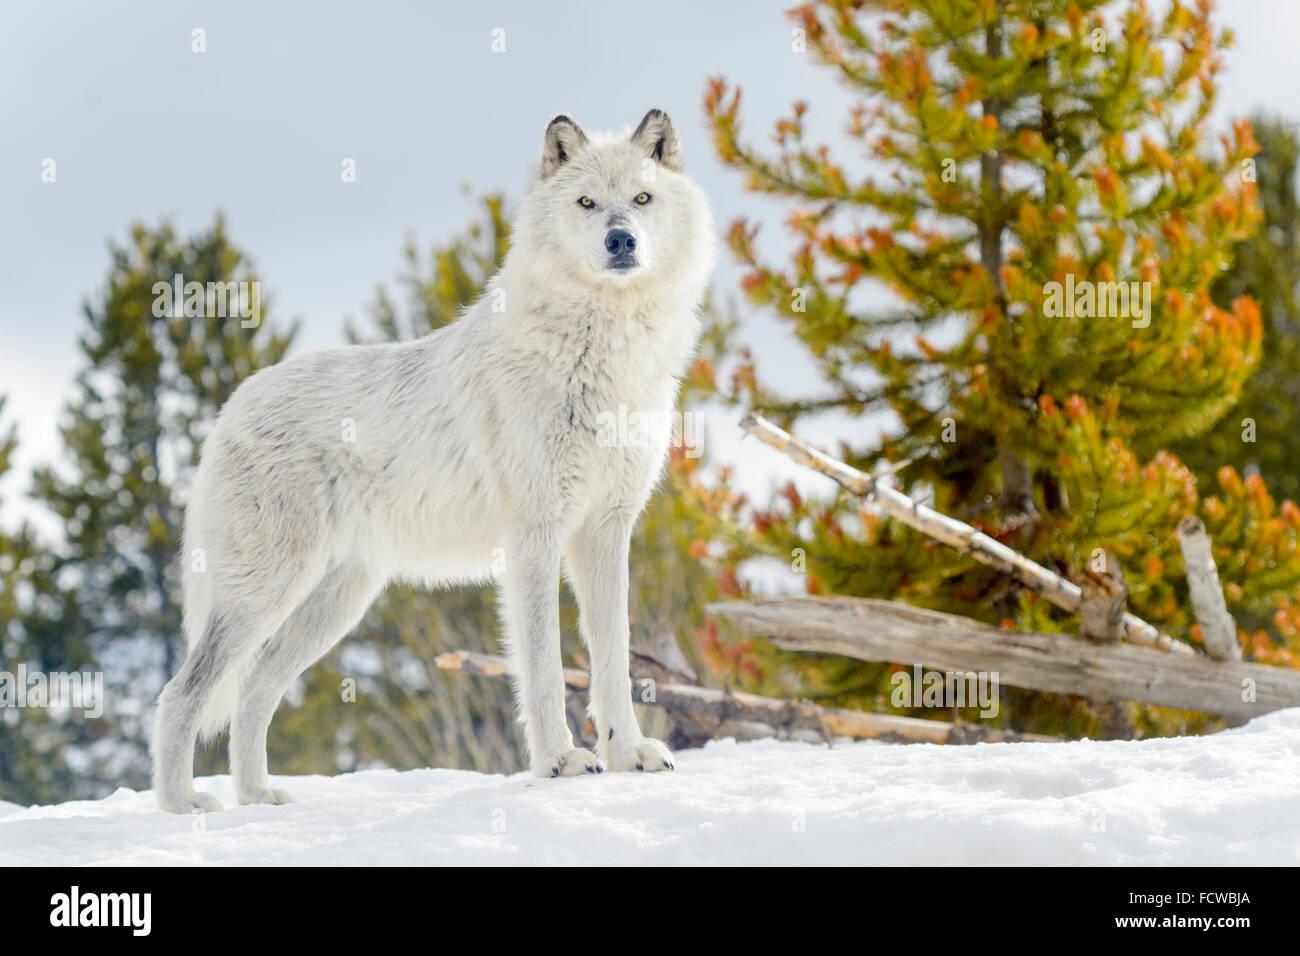 Lobo gris (Canis lupus) de pie en la nieve, mirando a la cámara, cautiva, Yellowstone. Imagen De Stock